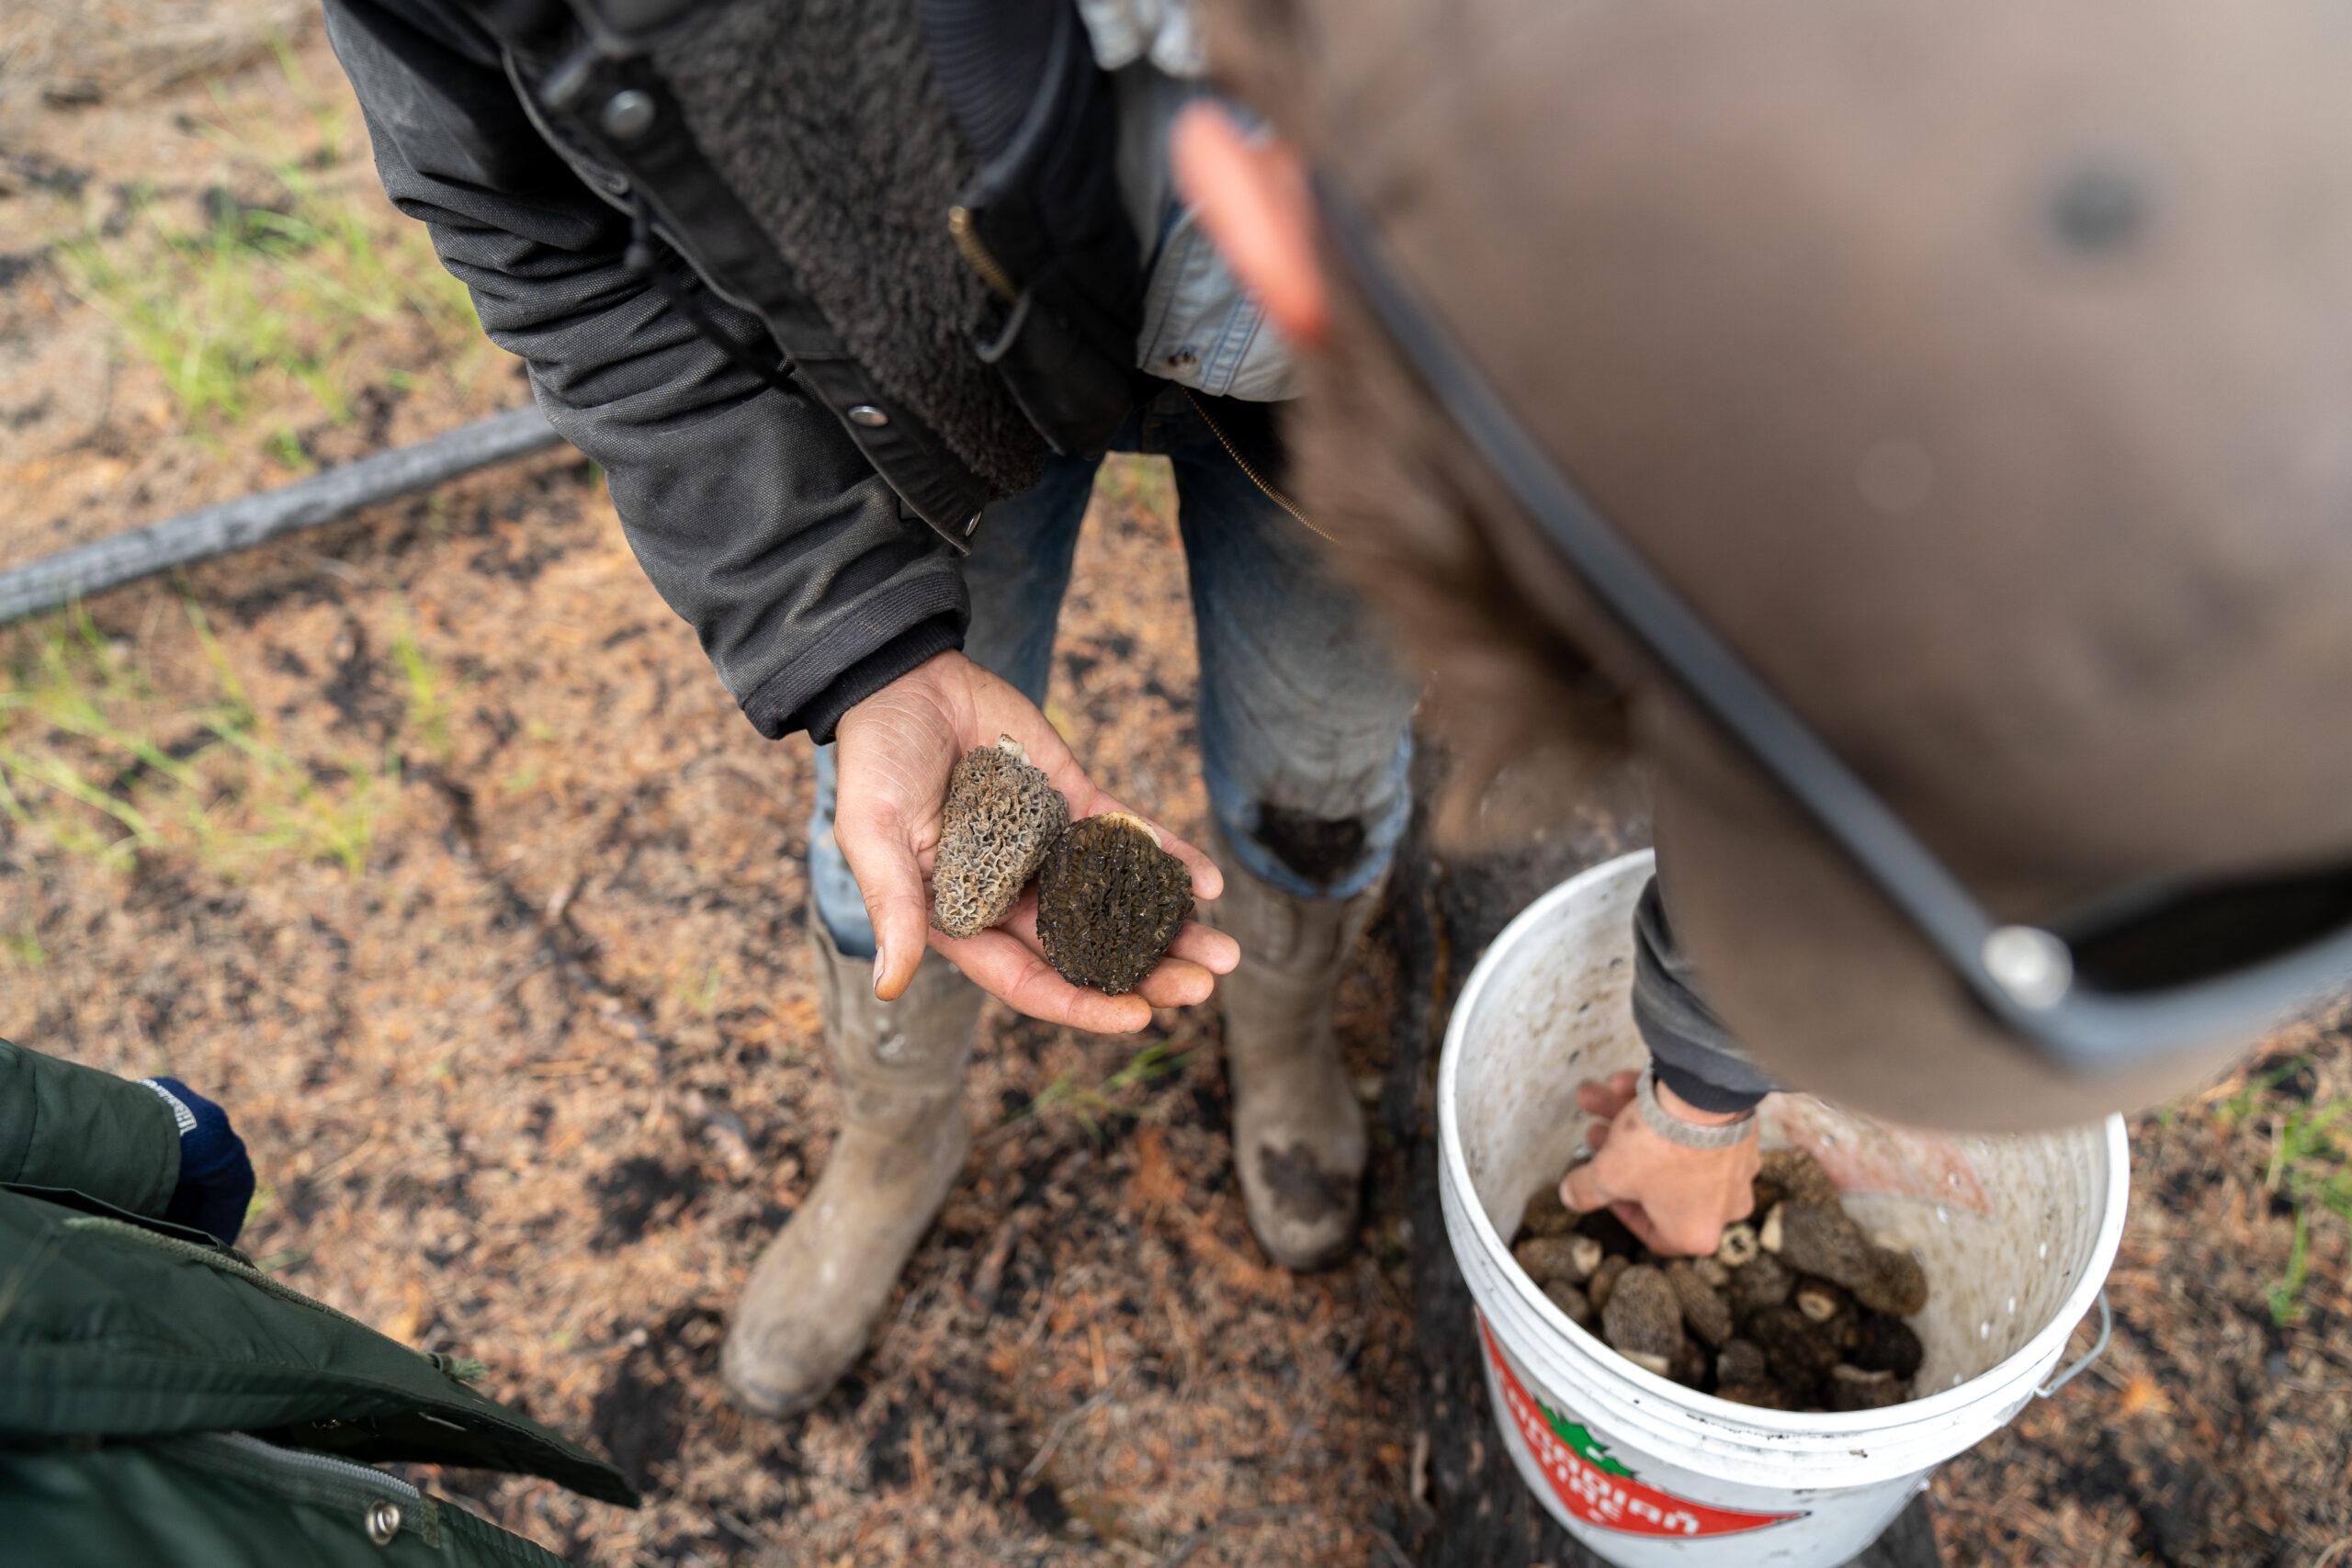 hand holding morel mushrooms next to a bucket full of mushrooms